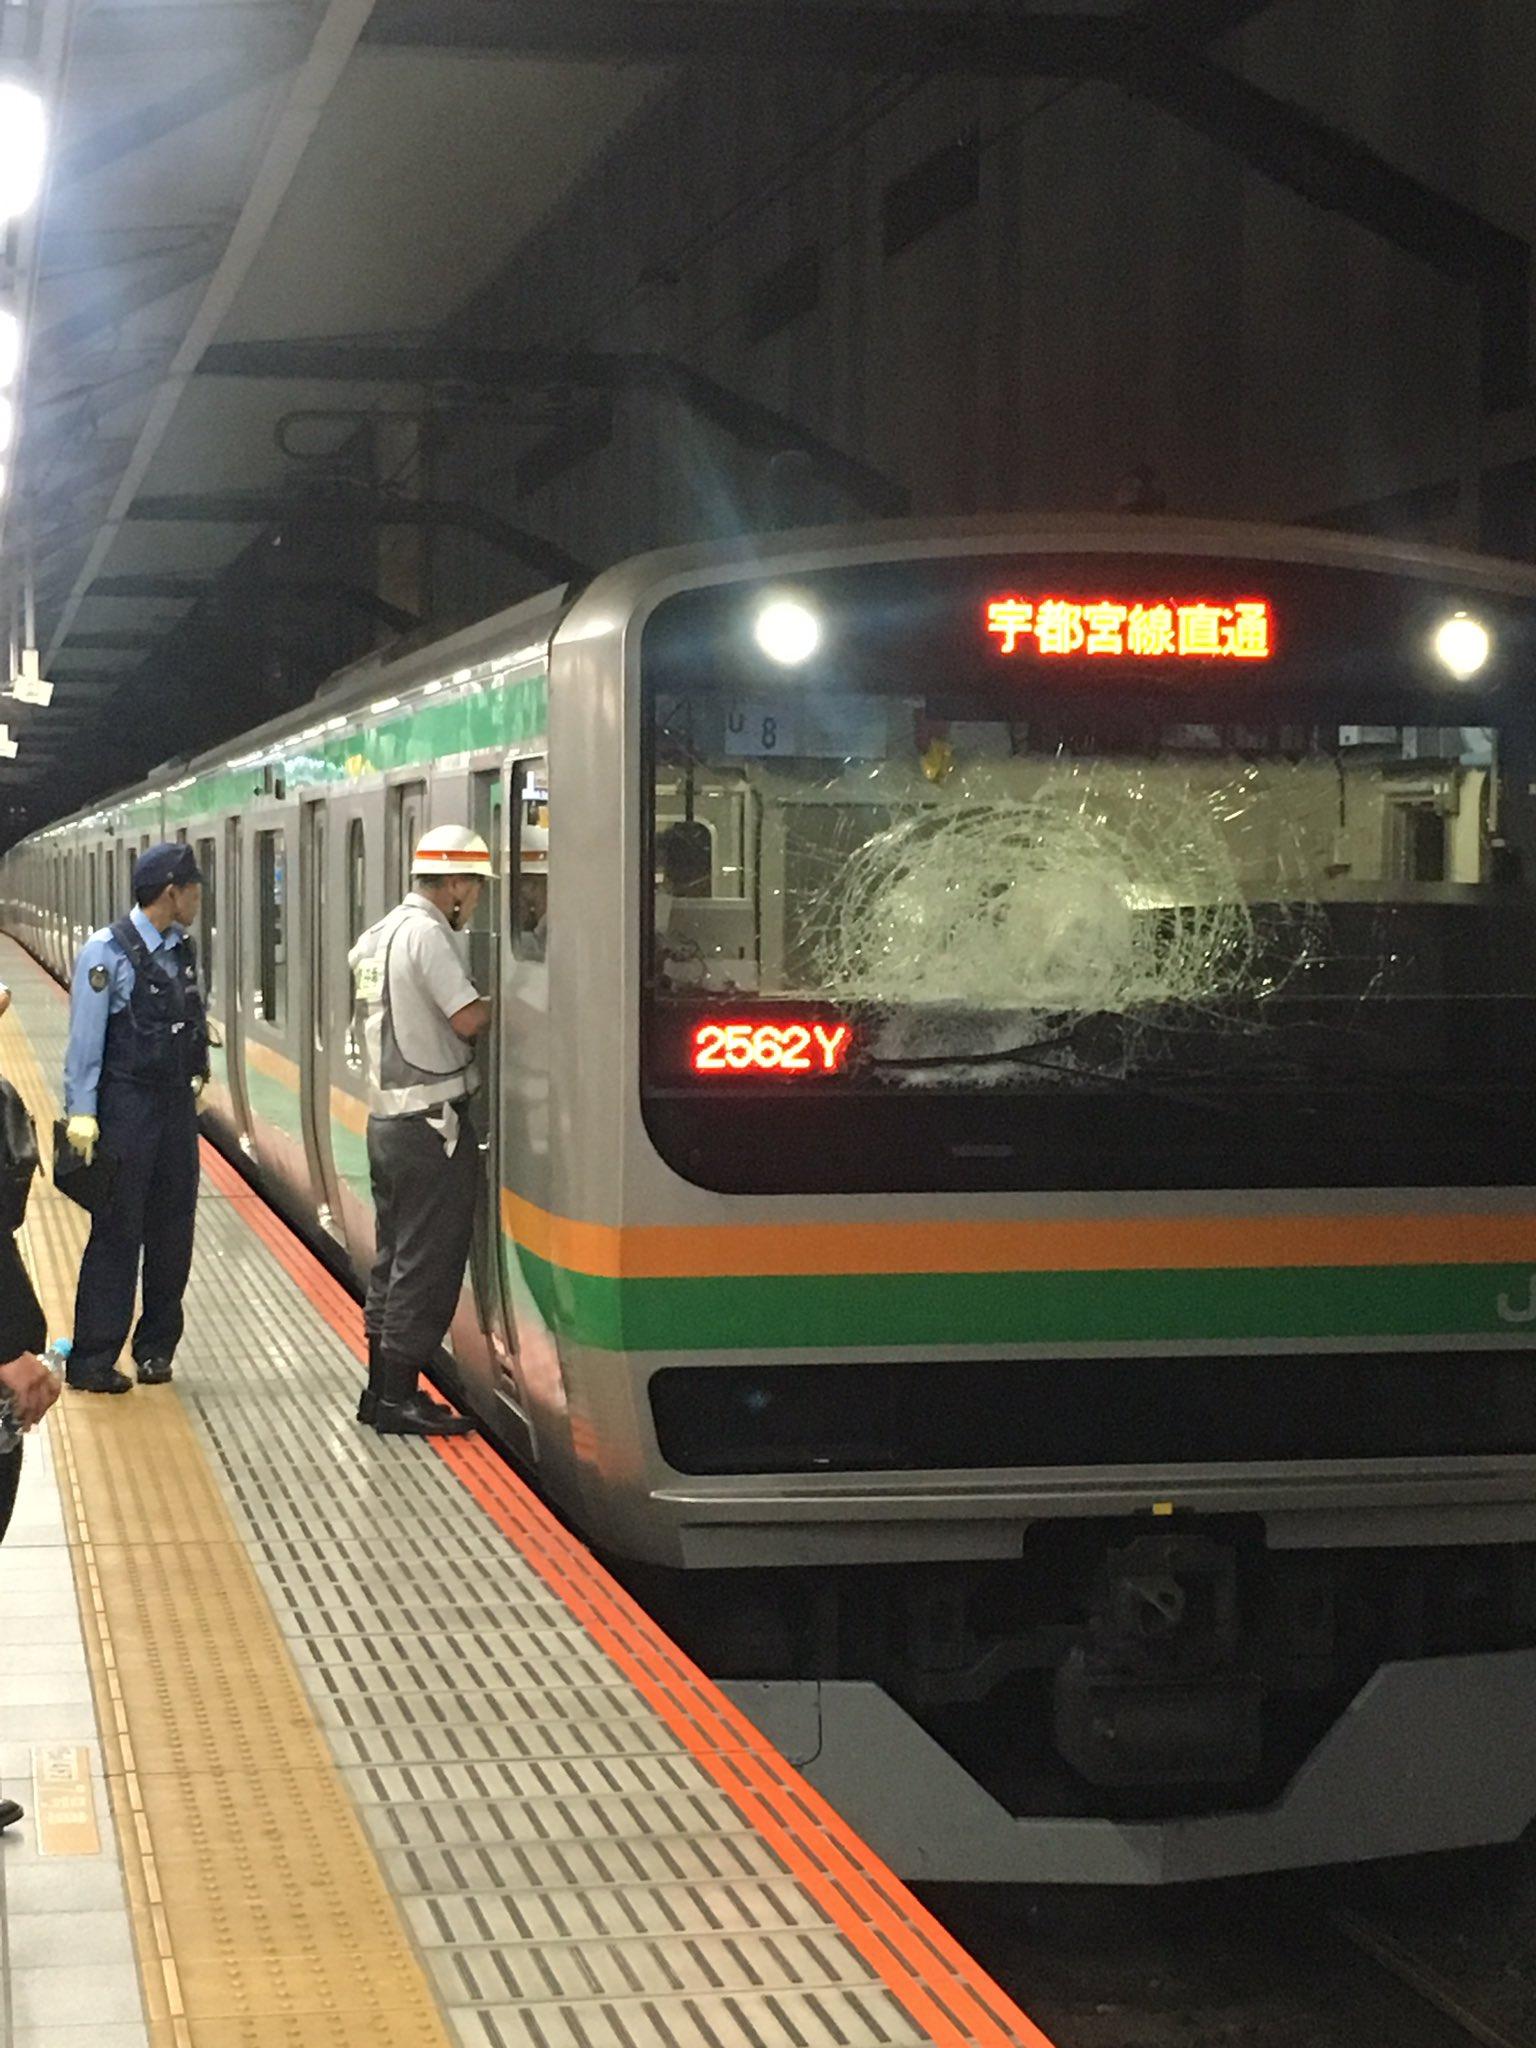 湘南新宿ラインの浦和駅の人身事故で電車の窓ガラスが割れている現場画像